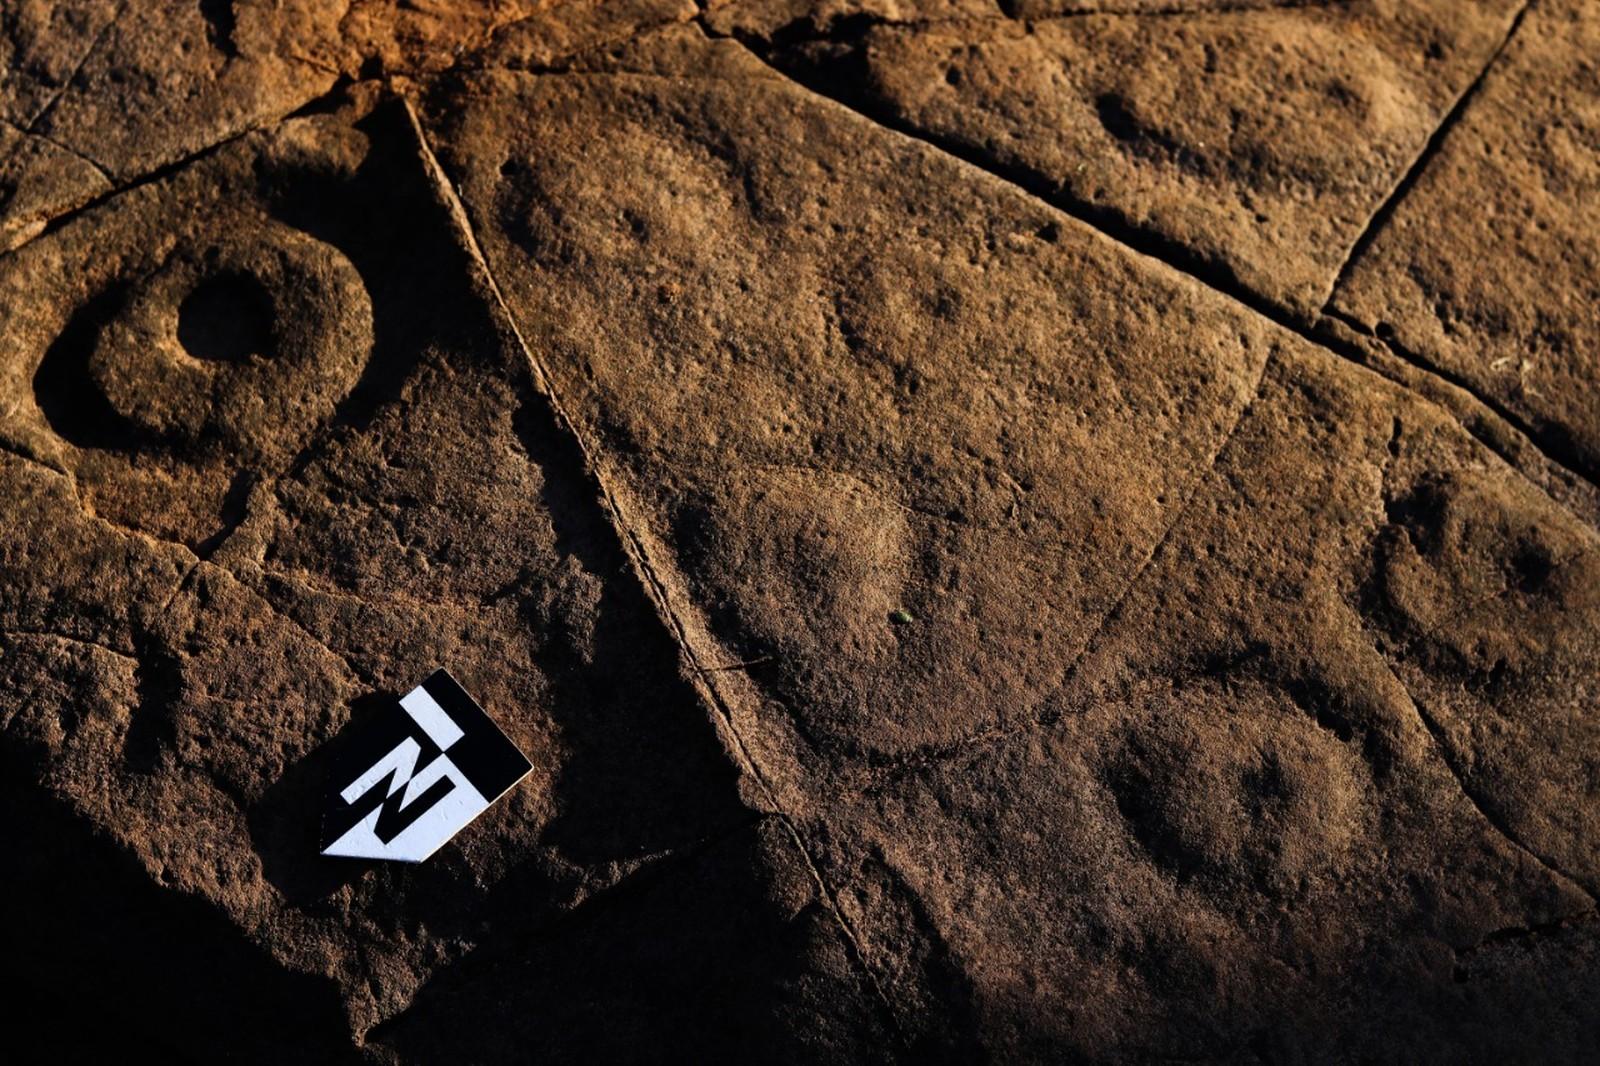 Gravuras com mais de 4 mil anos encontradas no Paraná. (Foto: Divulgação / Espaço Arquelogia)